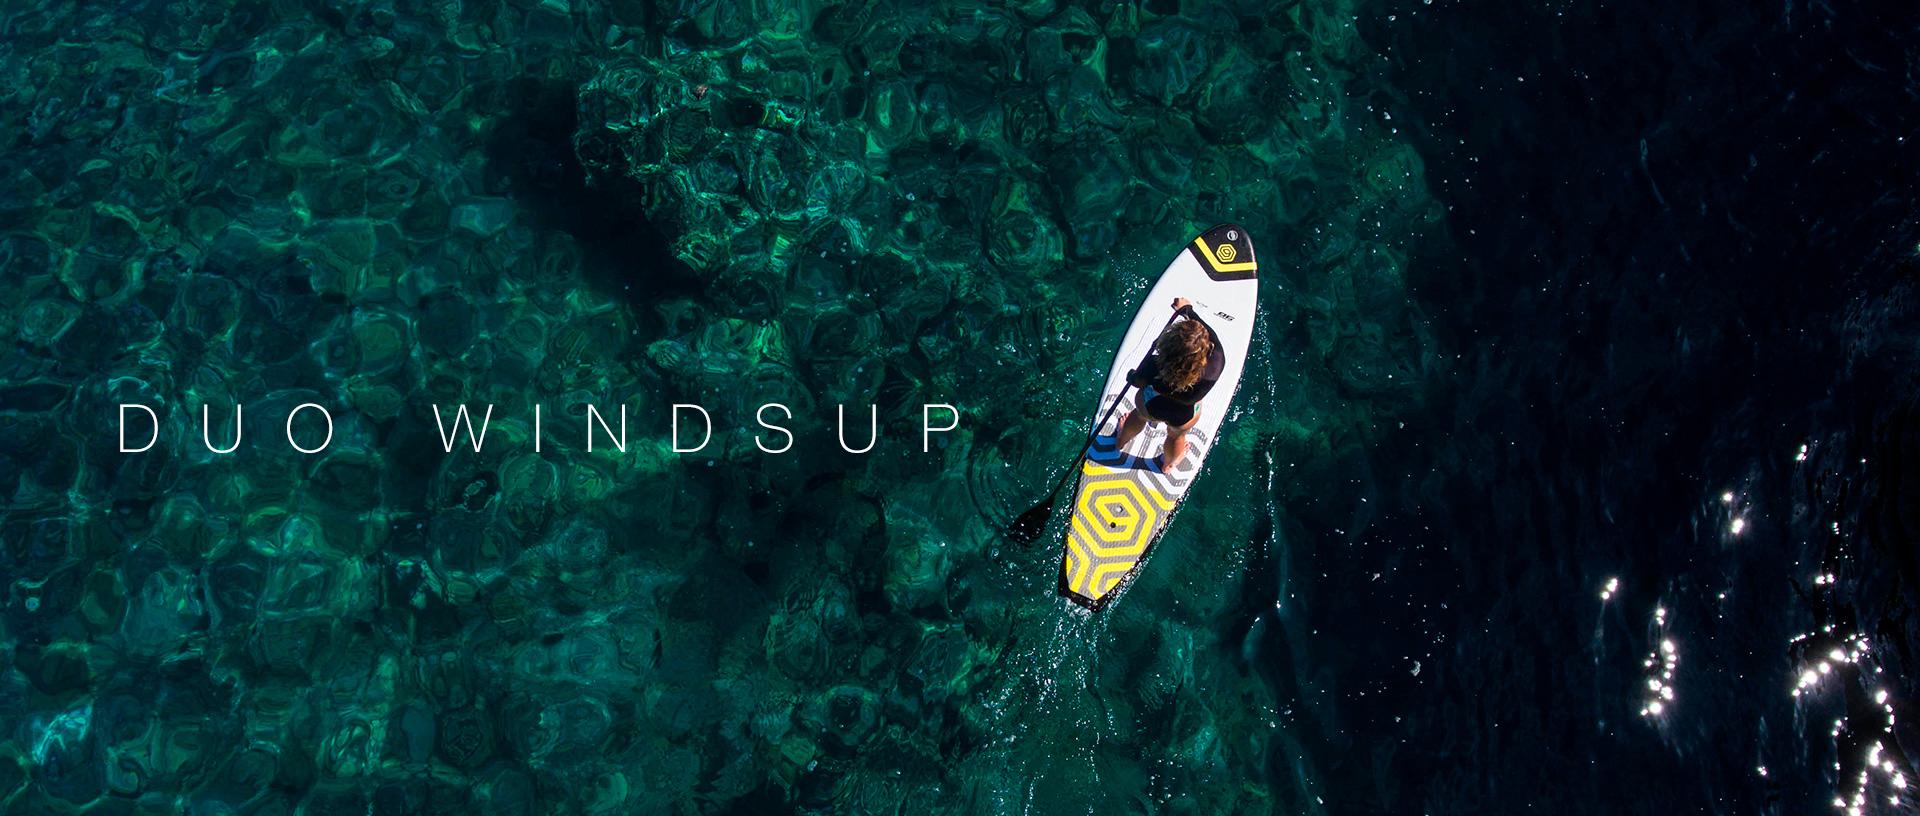 duowindsup-header2